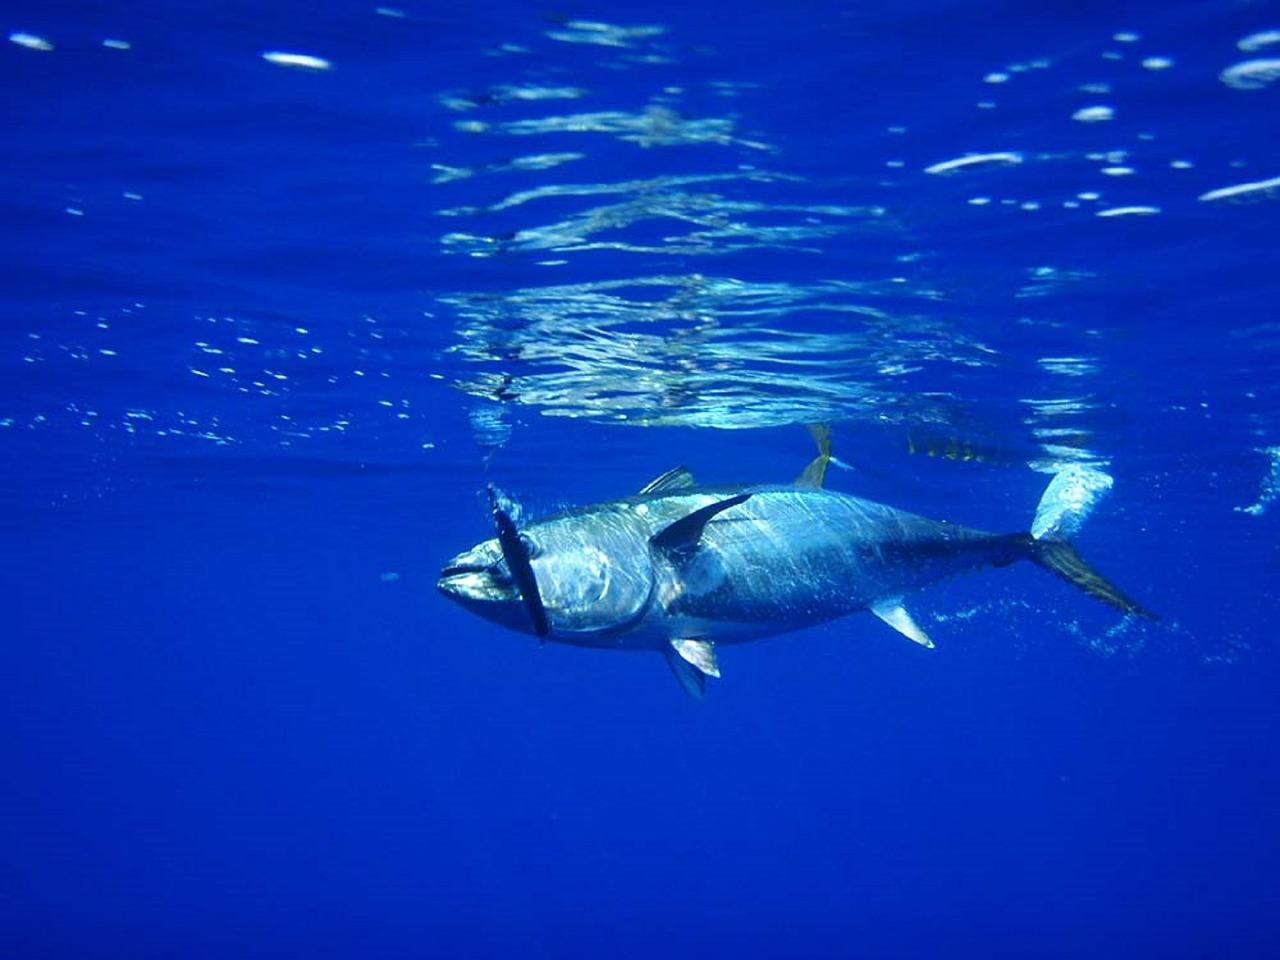 Fish, Tuna